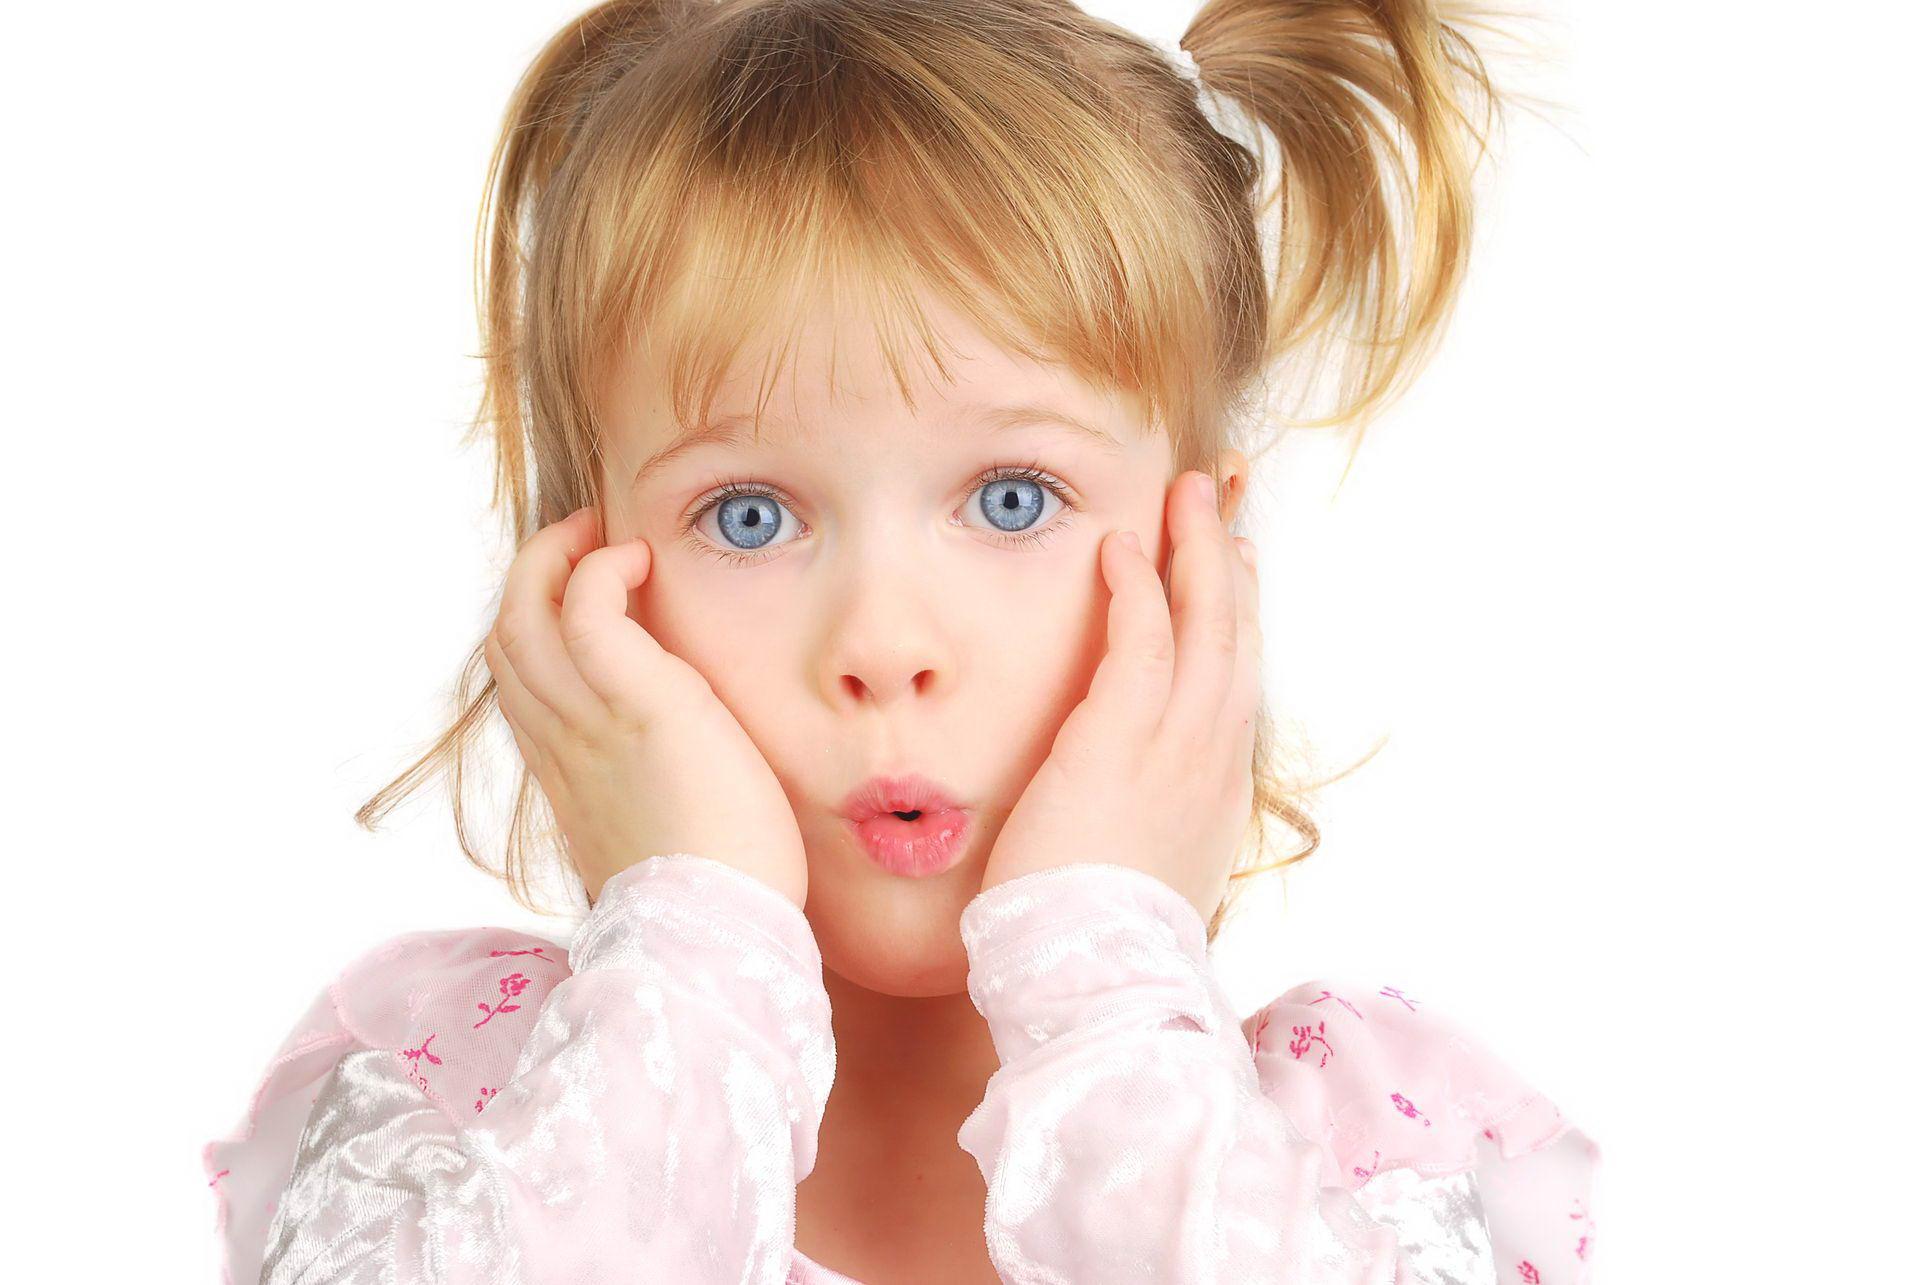 Белое шершавое пятно на коже у ребенка